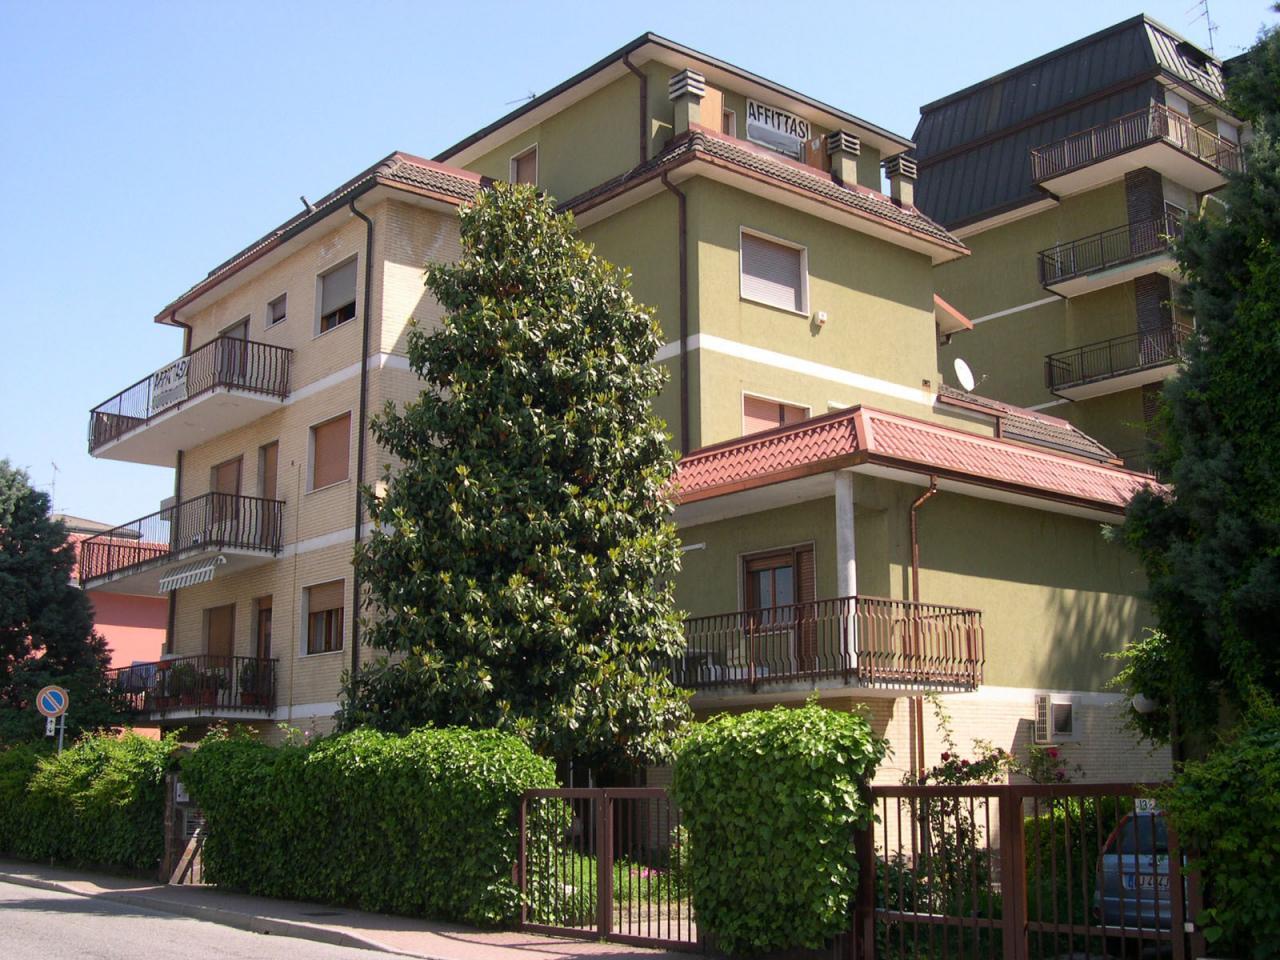 Appartamento affitto Opera (MI) - 4 LOCALI - 120 MQ